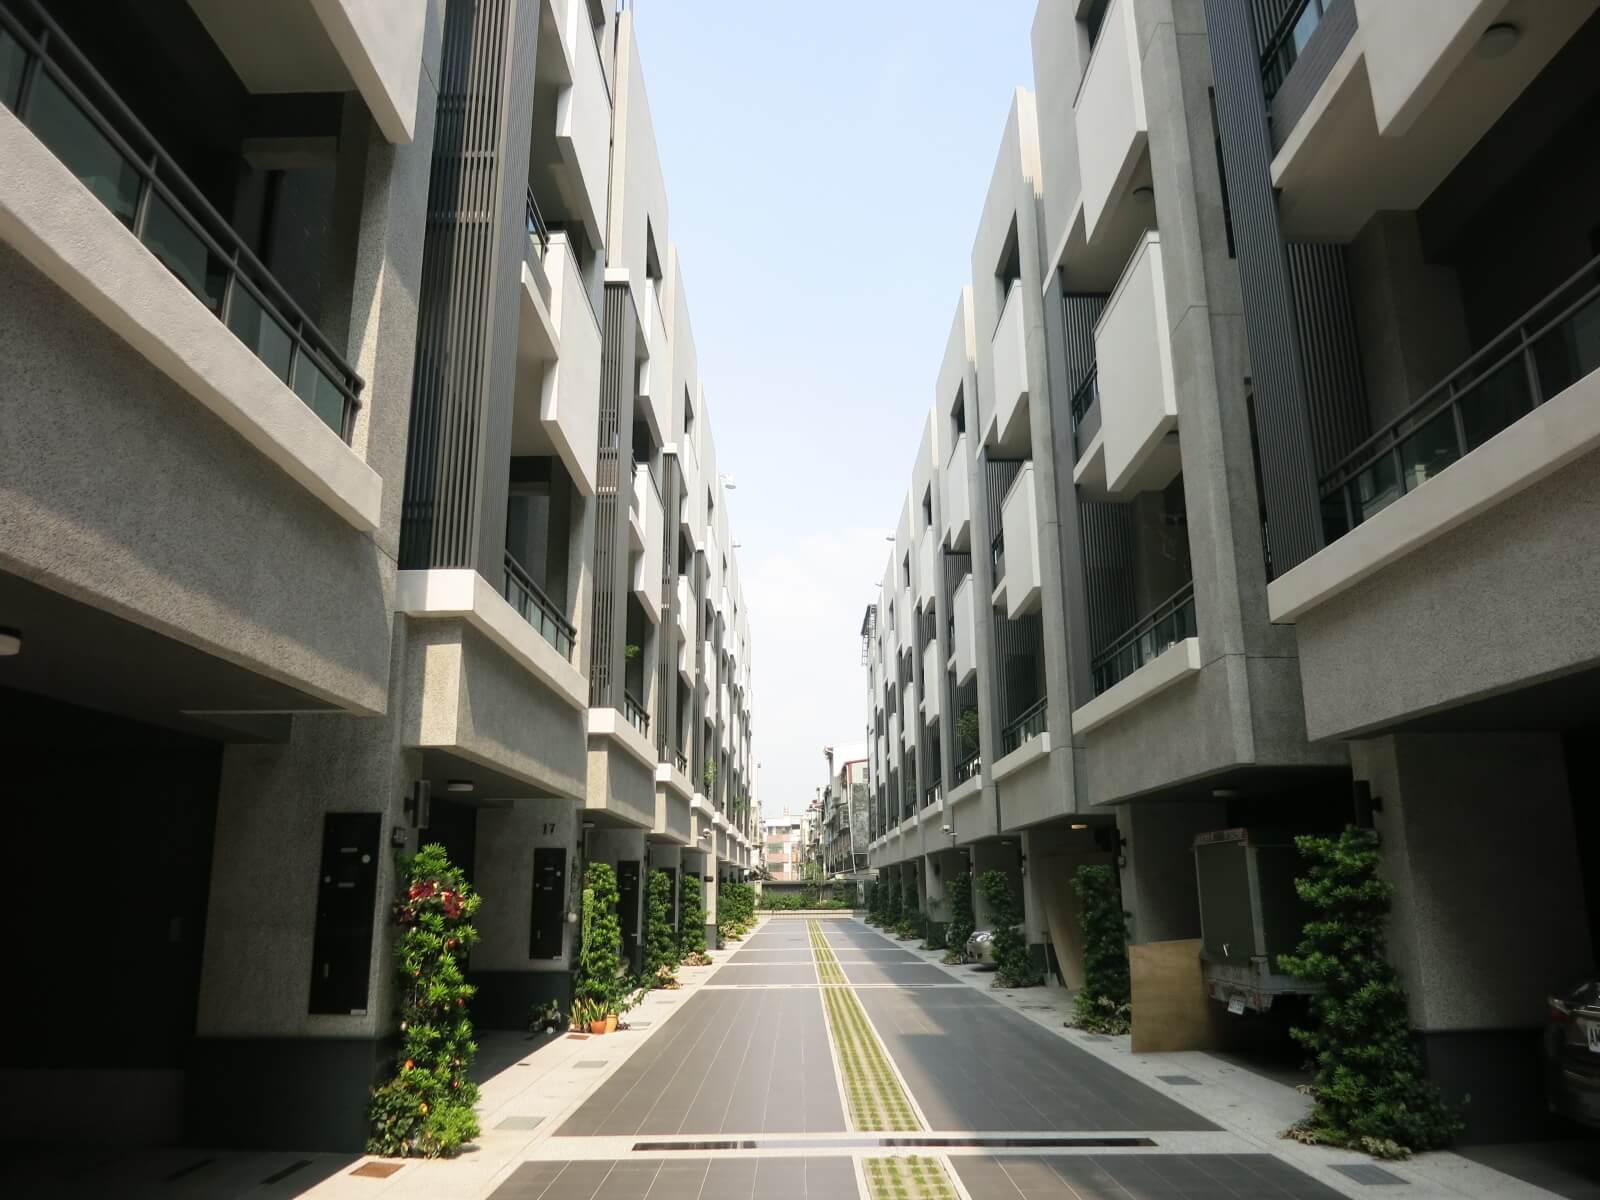 圖片:高雄大寮建案 悅榕庄 陽光樹叢 光合住宅